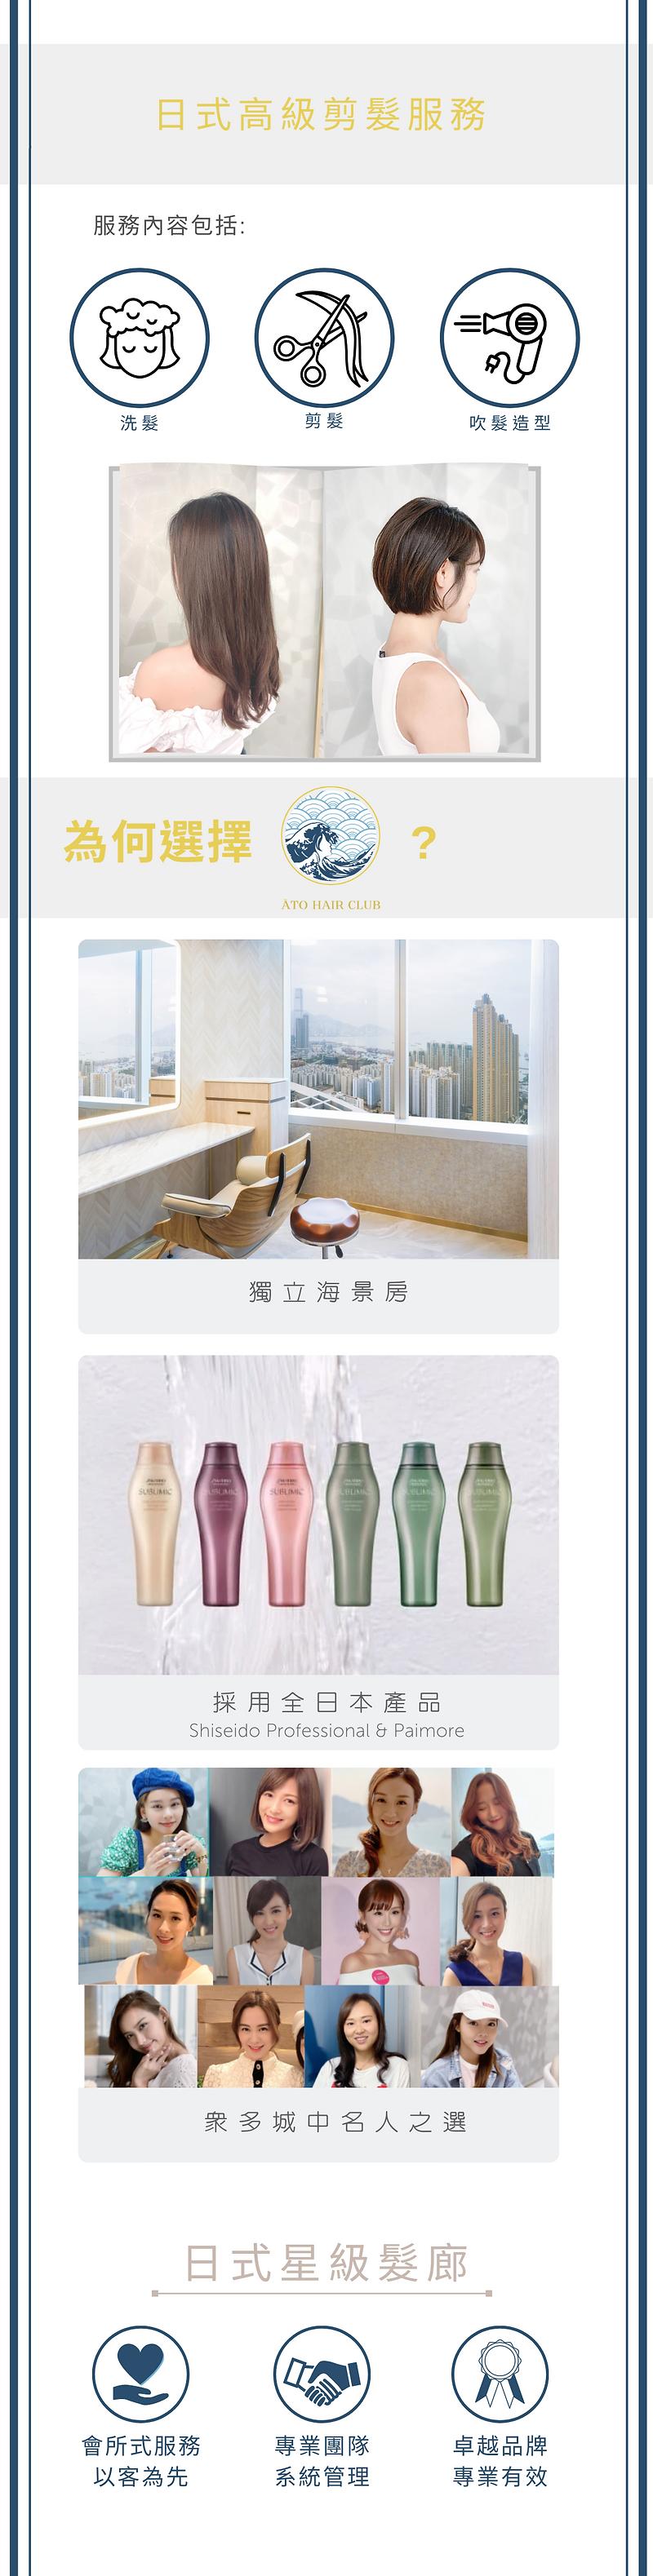 日式高級剪髮服務-content page.png